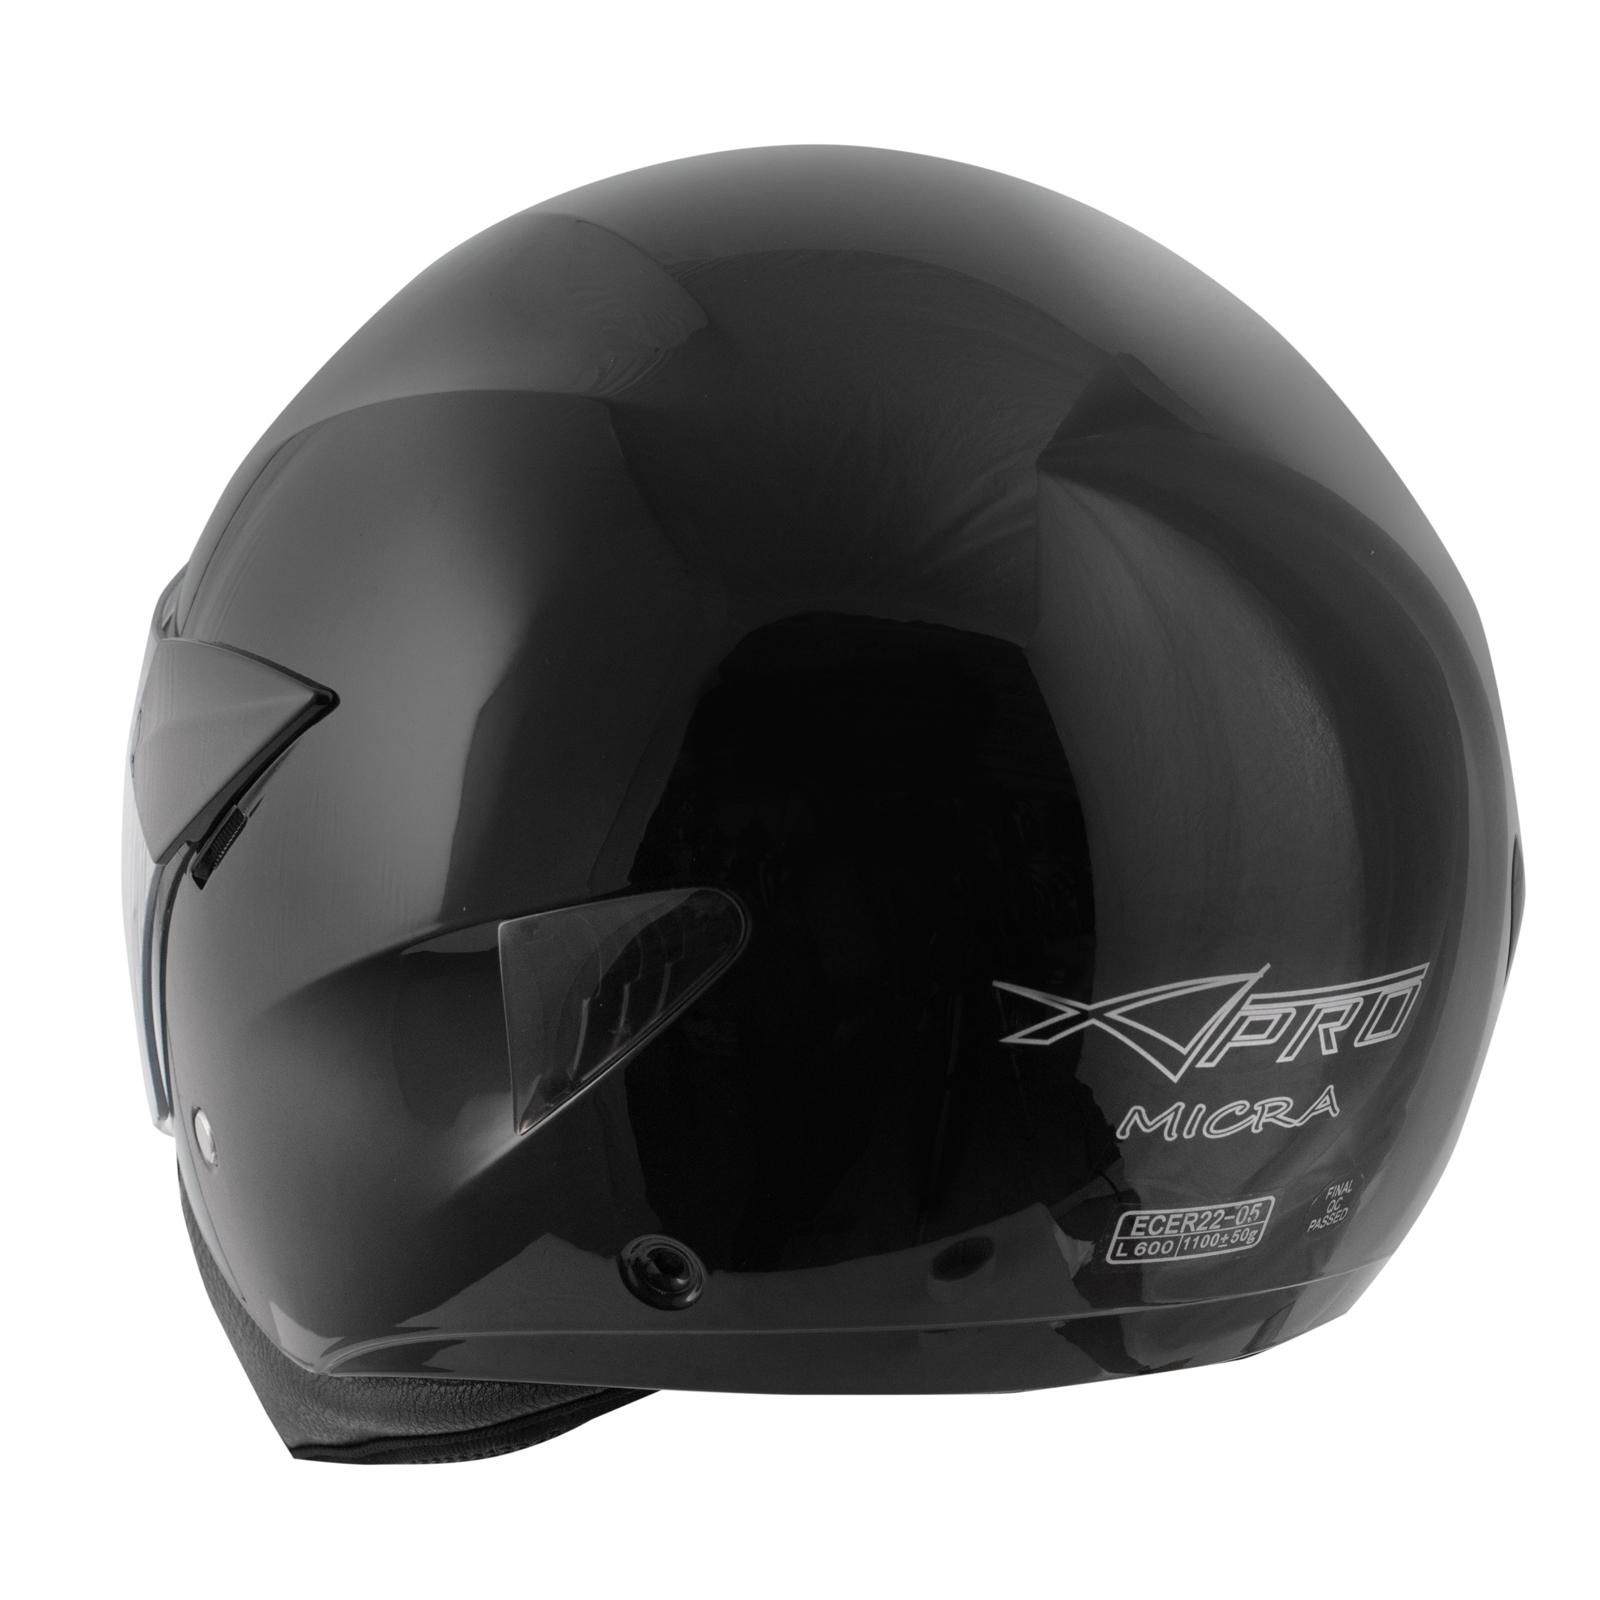 Casque-Moto-Scooter-Ville-Jet-Visiere-Longue-Approuve-ECE-22-05-Noir